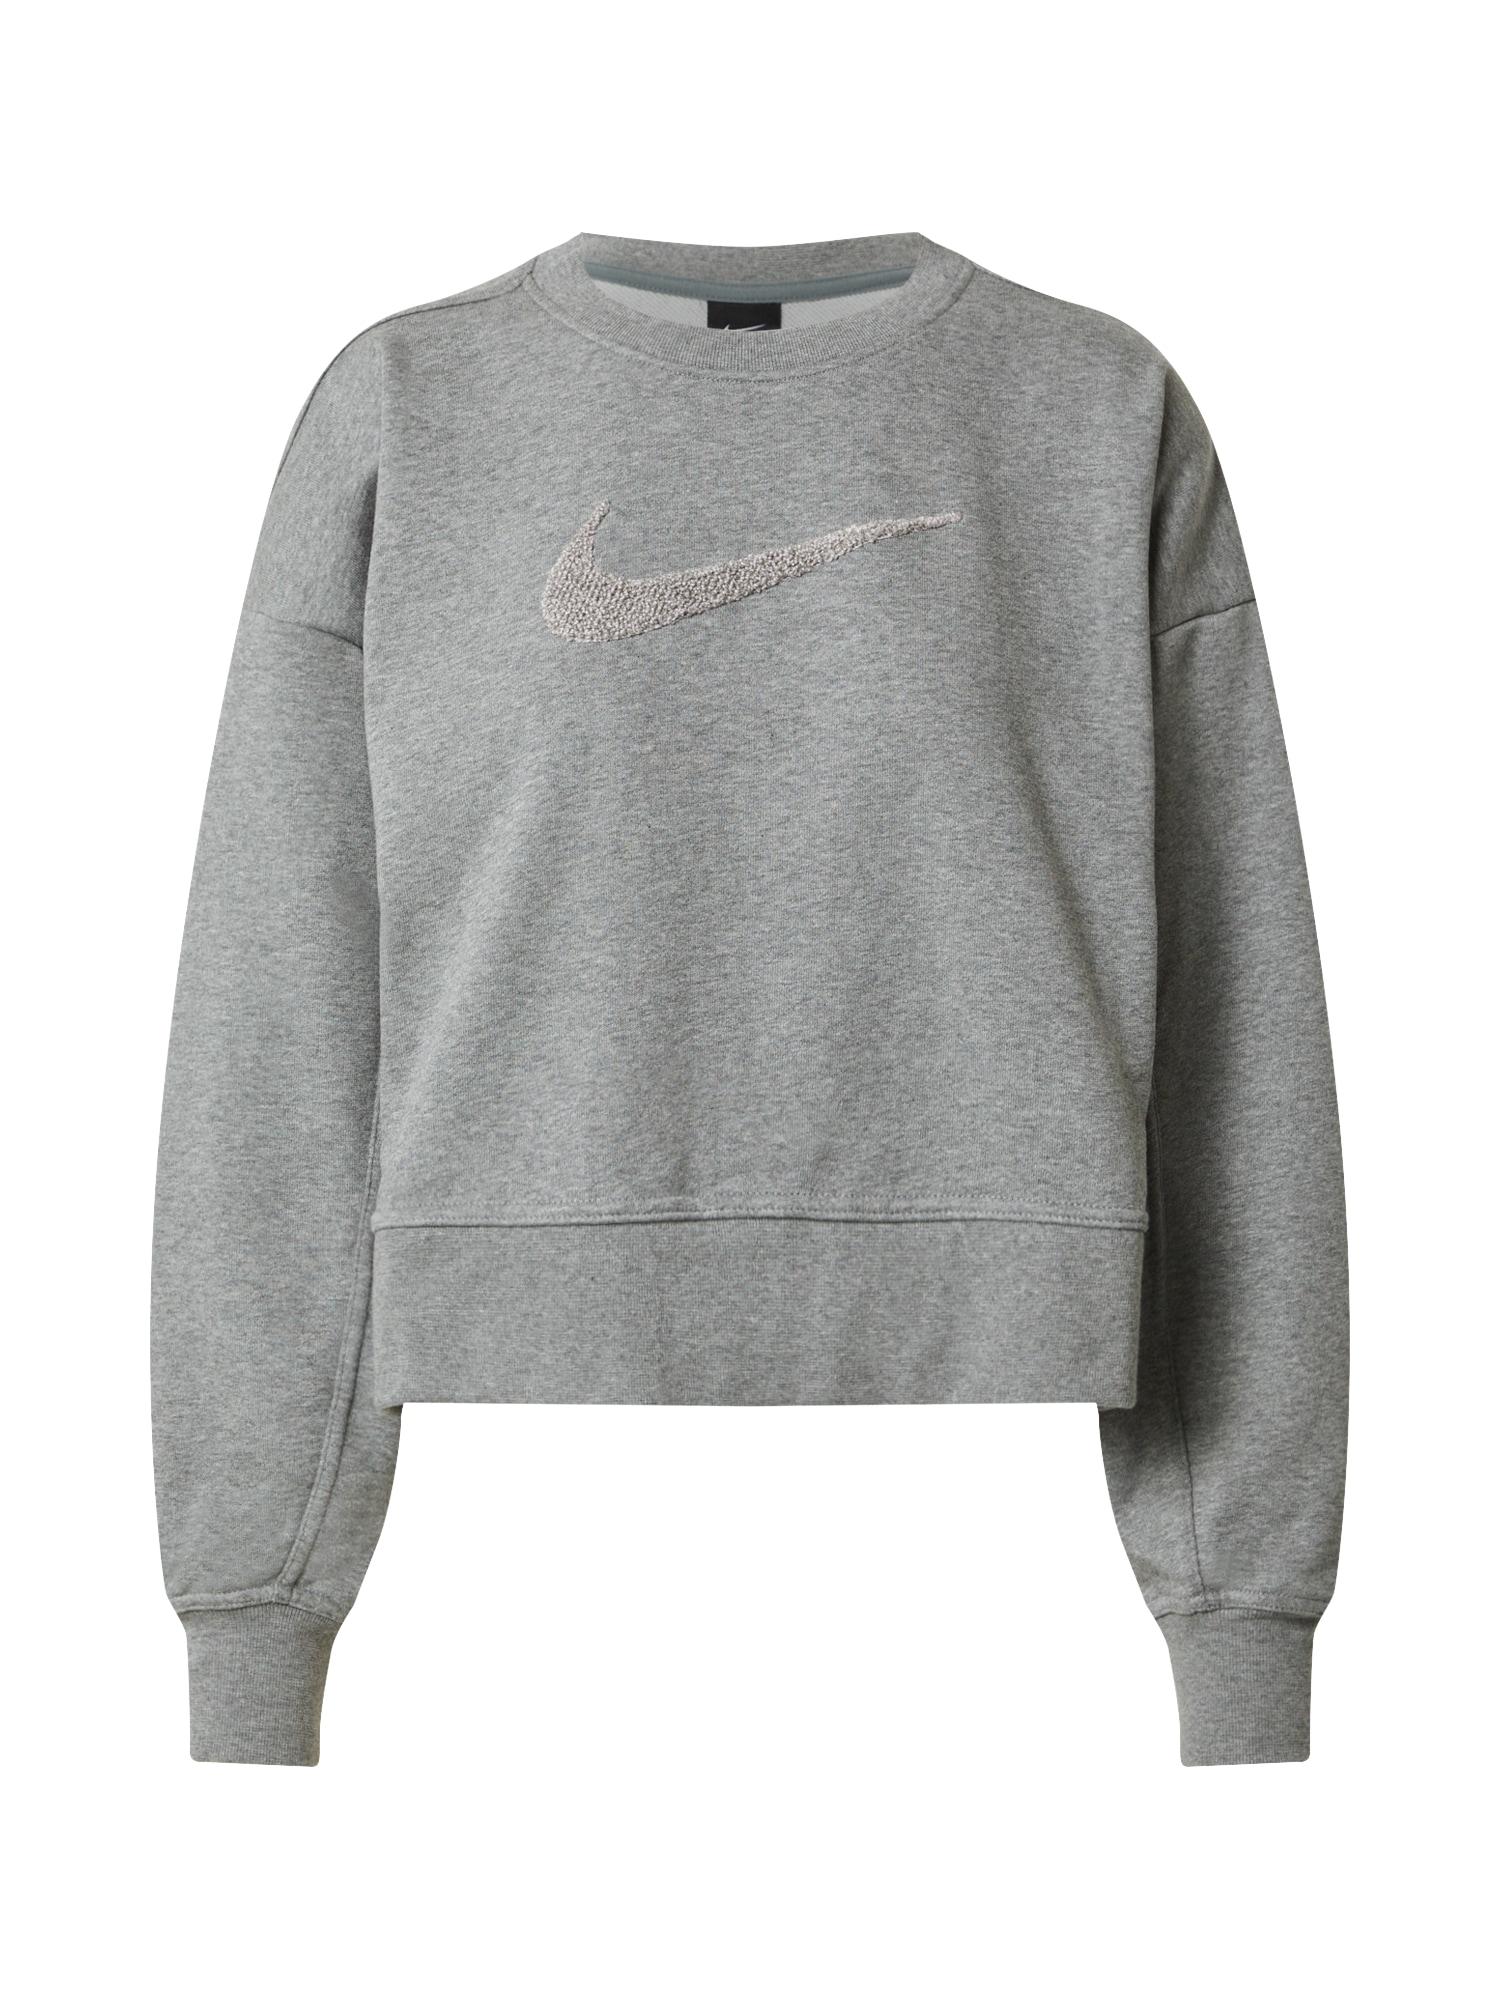 NIKE Sportinio tipo megztinis margai pilka